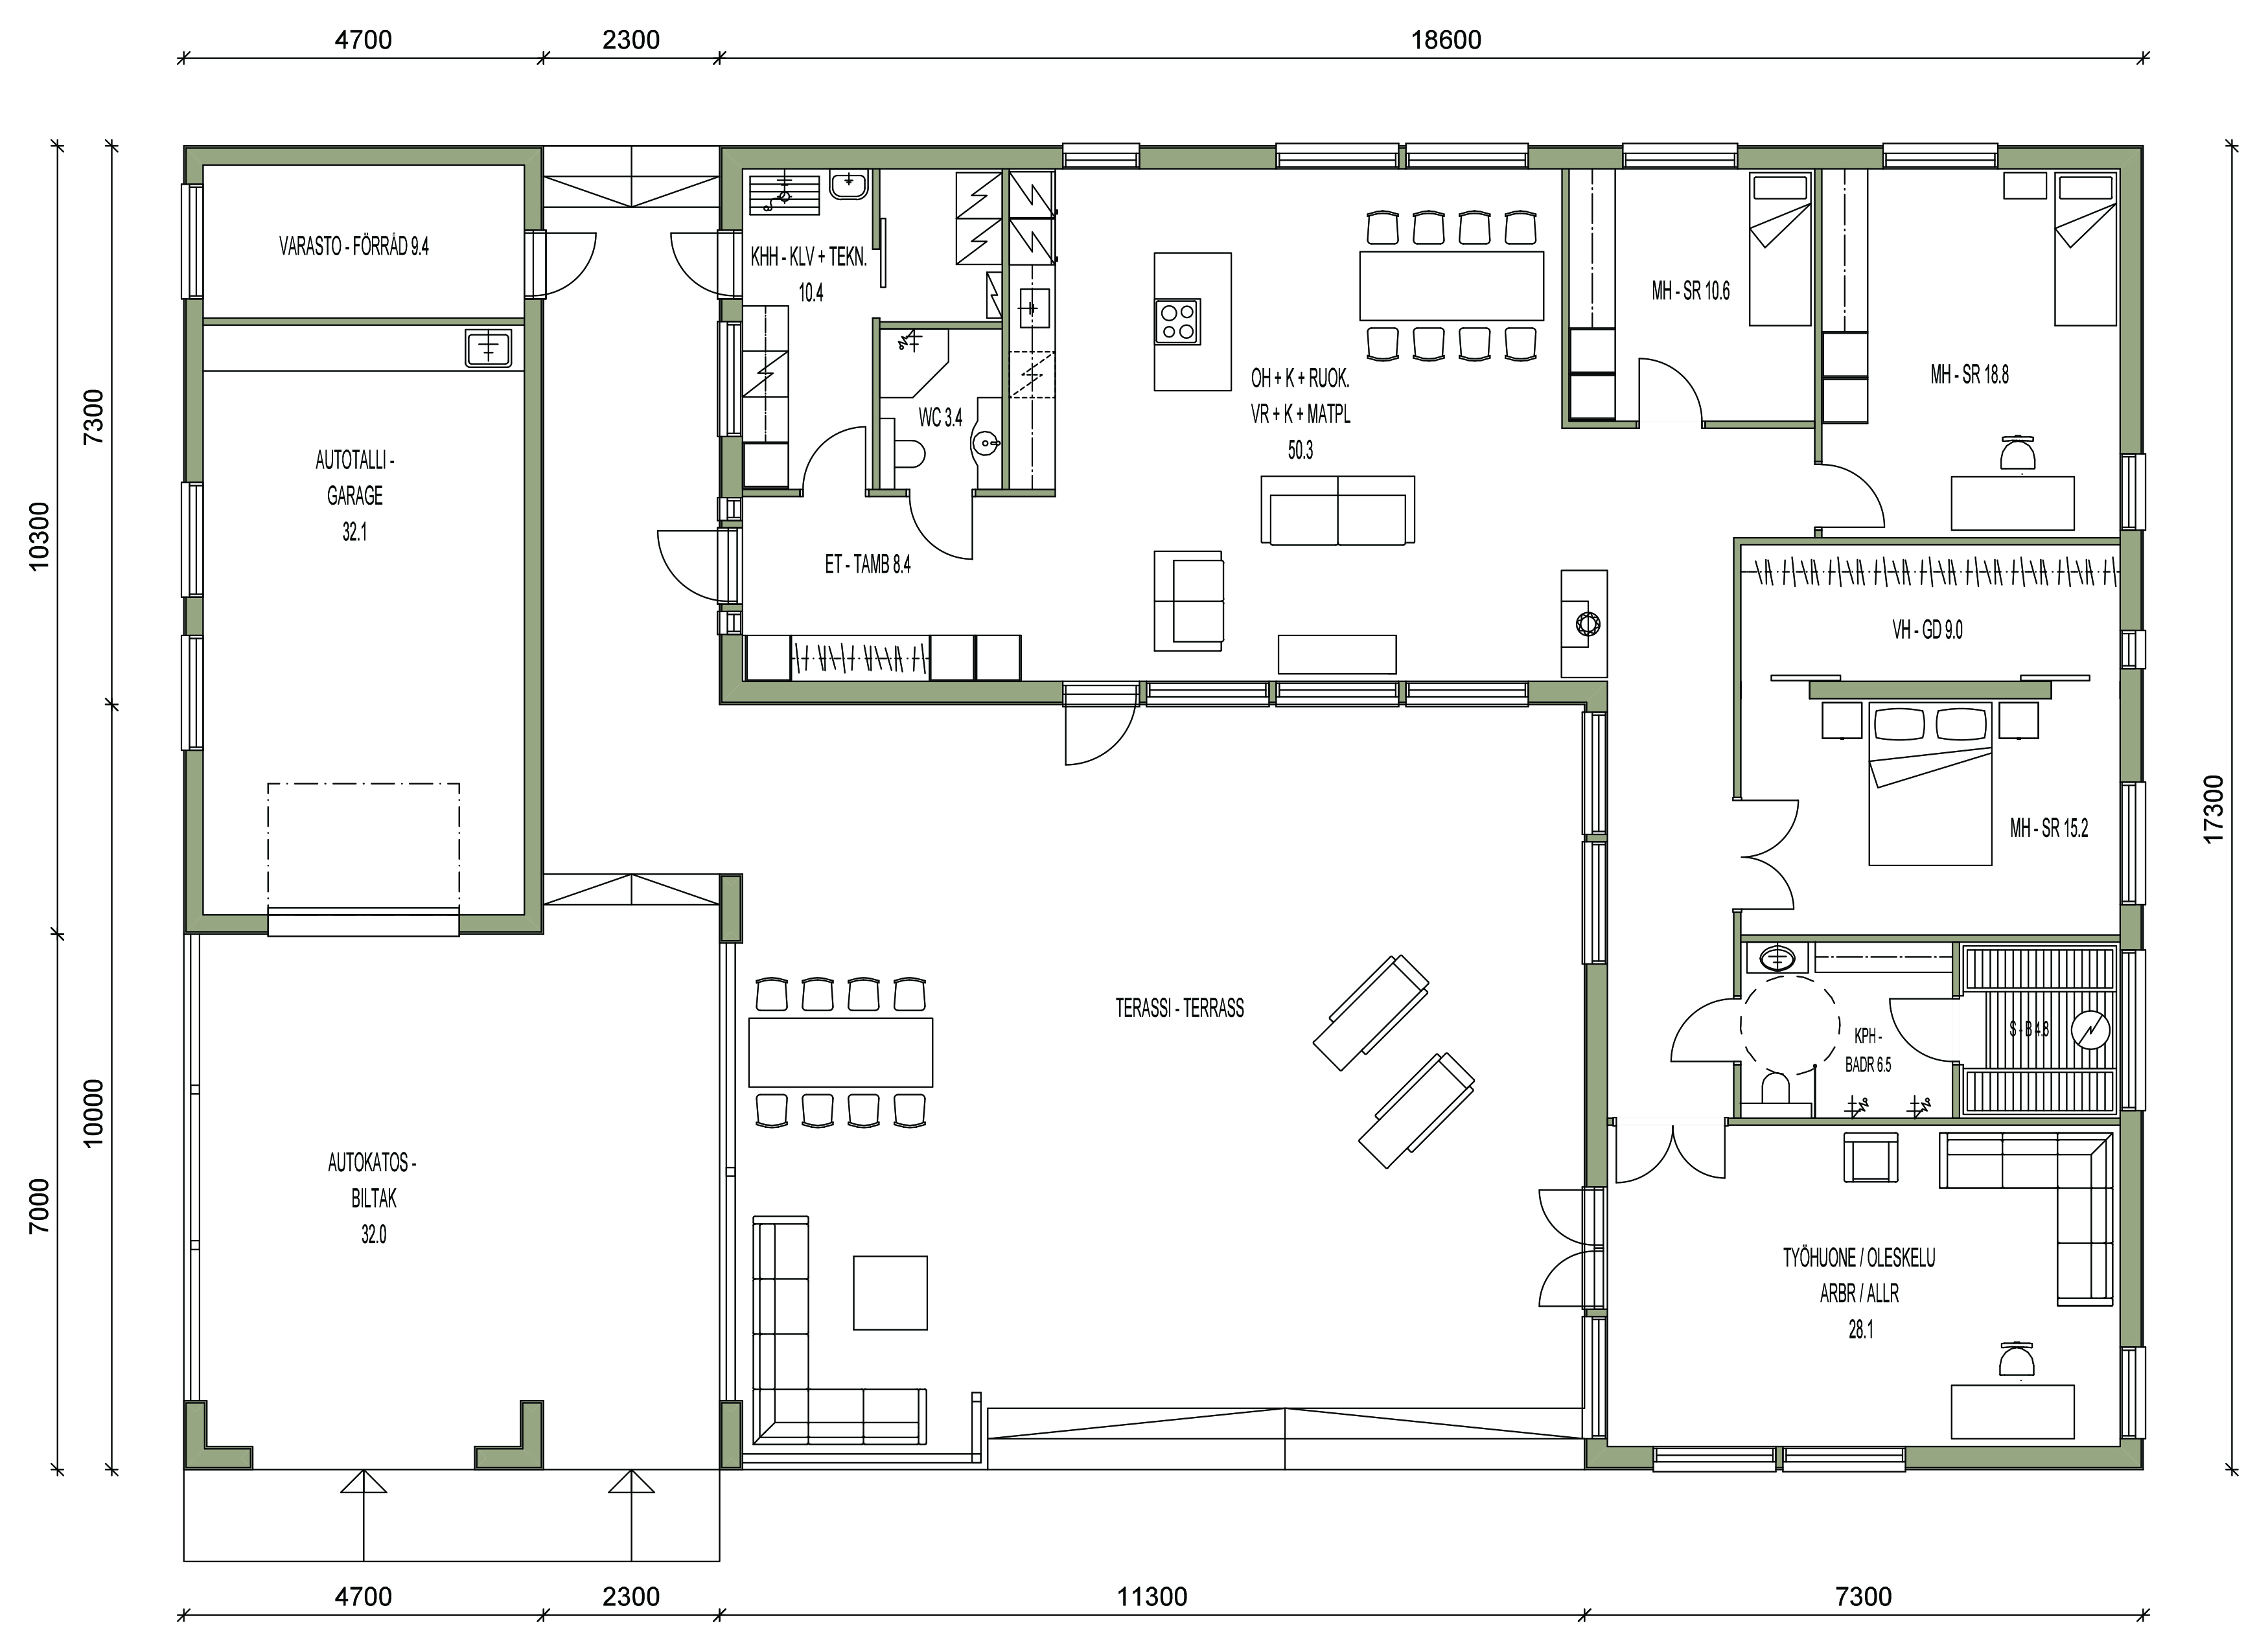 maison sips cubique plan 180 m² 02